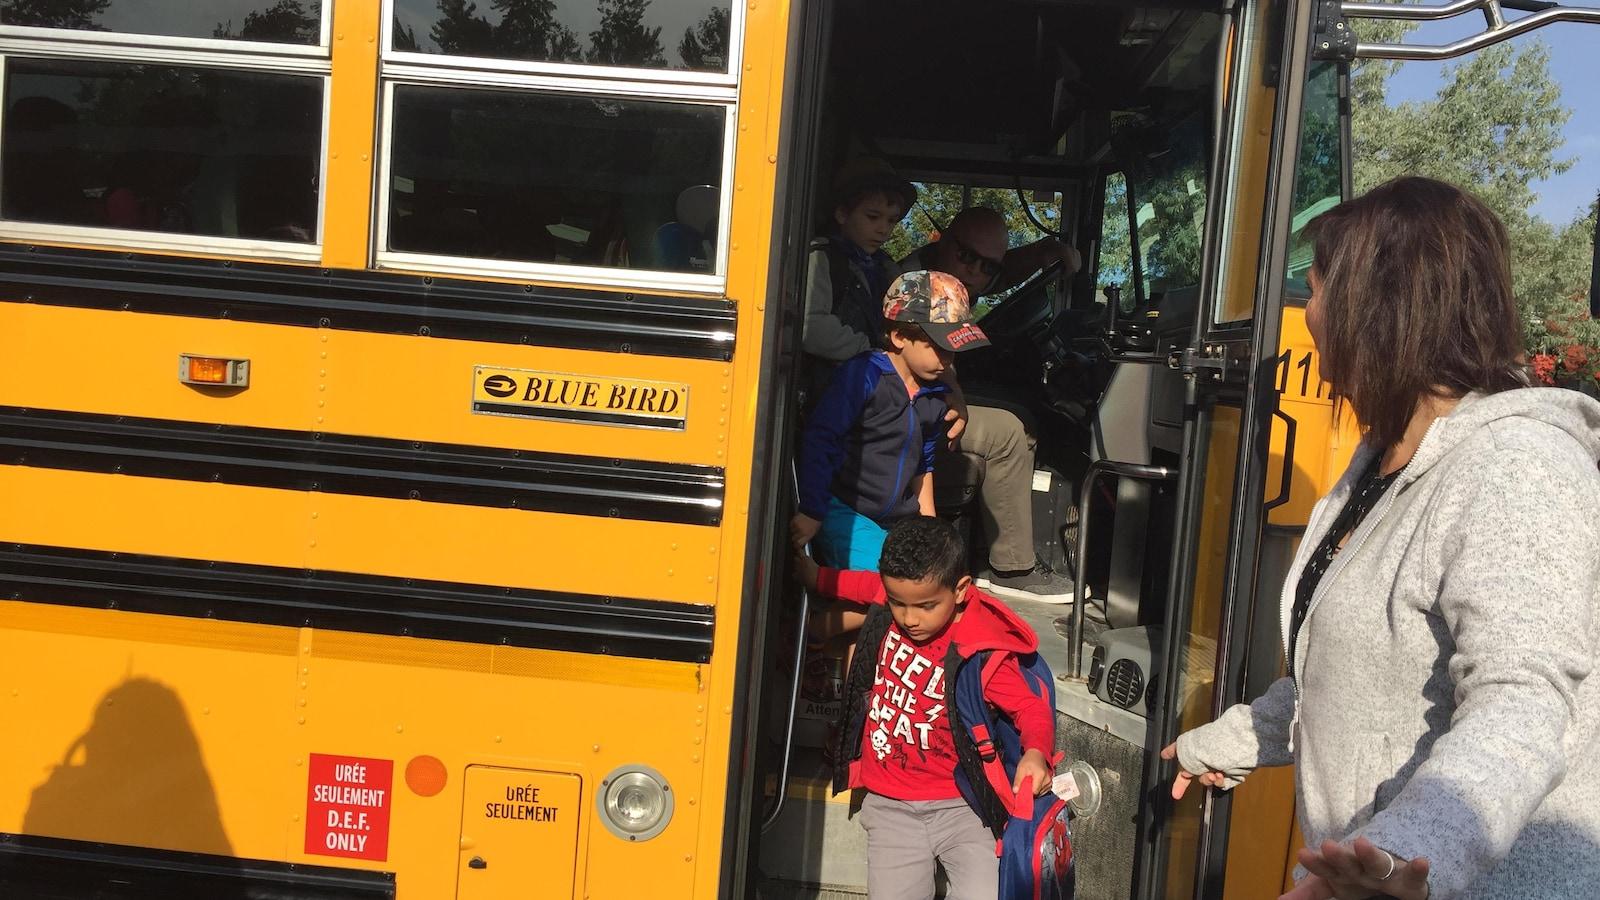 Des enfants descendent d'un autobus scolaire.